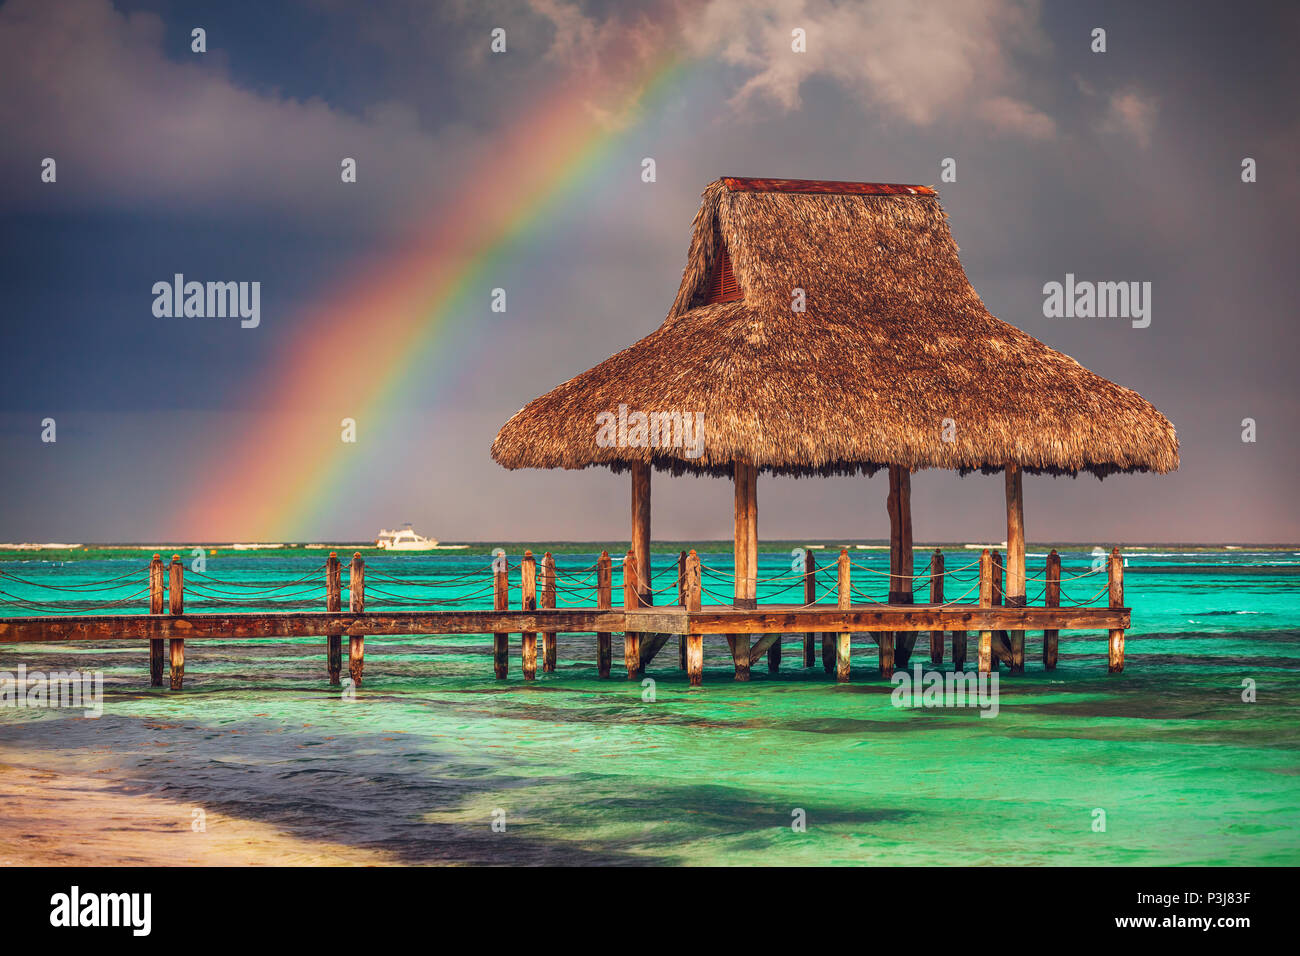 Arc-en-ciel sur l'eau en bois Villa à Cap Cana, République dominicaine. Banque D'Images